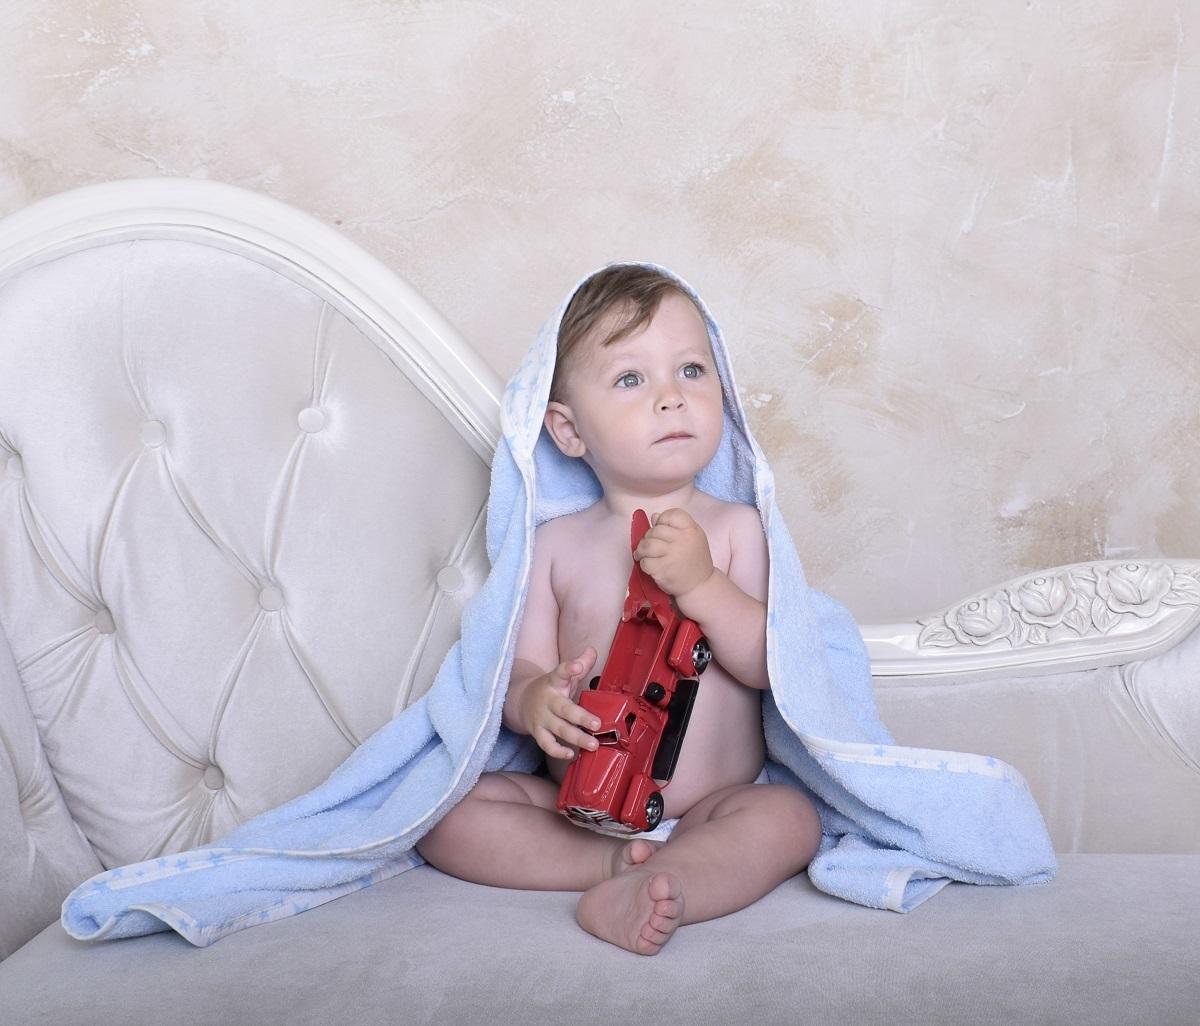 Полотенце детское BabyBunny Полотенце с уголком голубое, Хлопок хлопок возраст purcotton мокрое и сухое мягкое хлопчатобумажного полотенце хлопка полотенце хлопок для удаления 9 12см